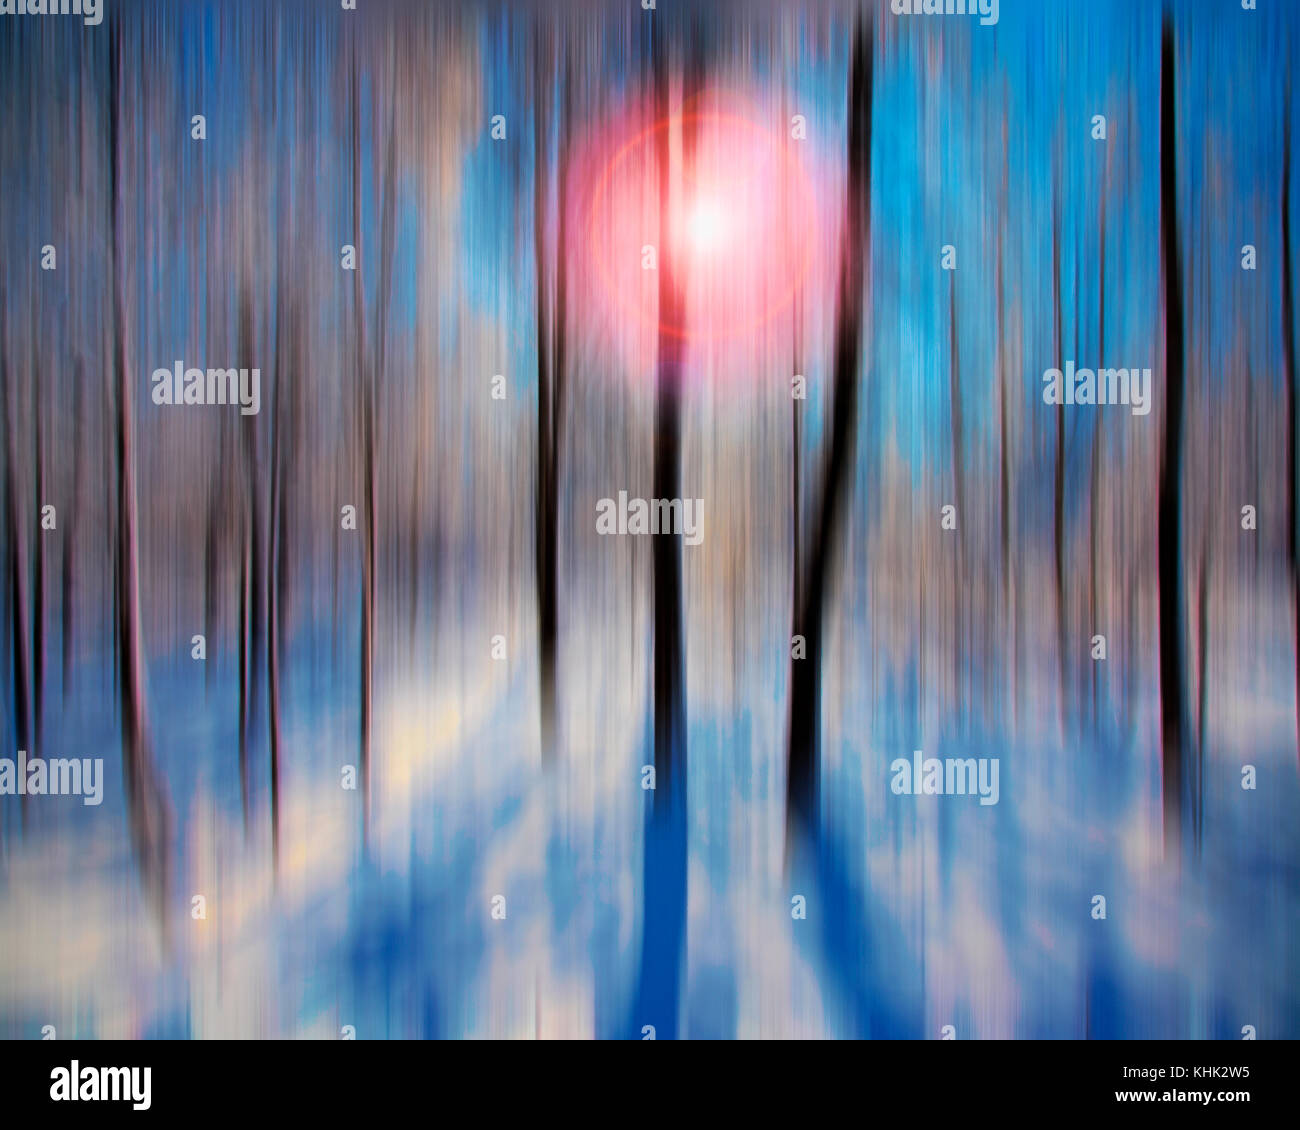 Weihnachtskarten Deutschland.Weihnachtskarten Design Stockfotos Weihnachtskarten Design Bilder